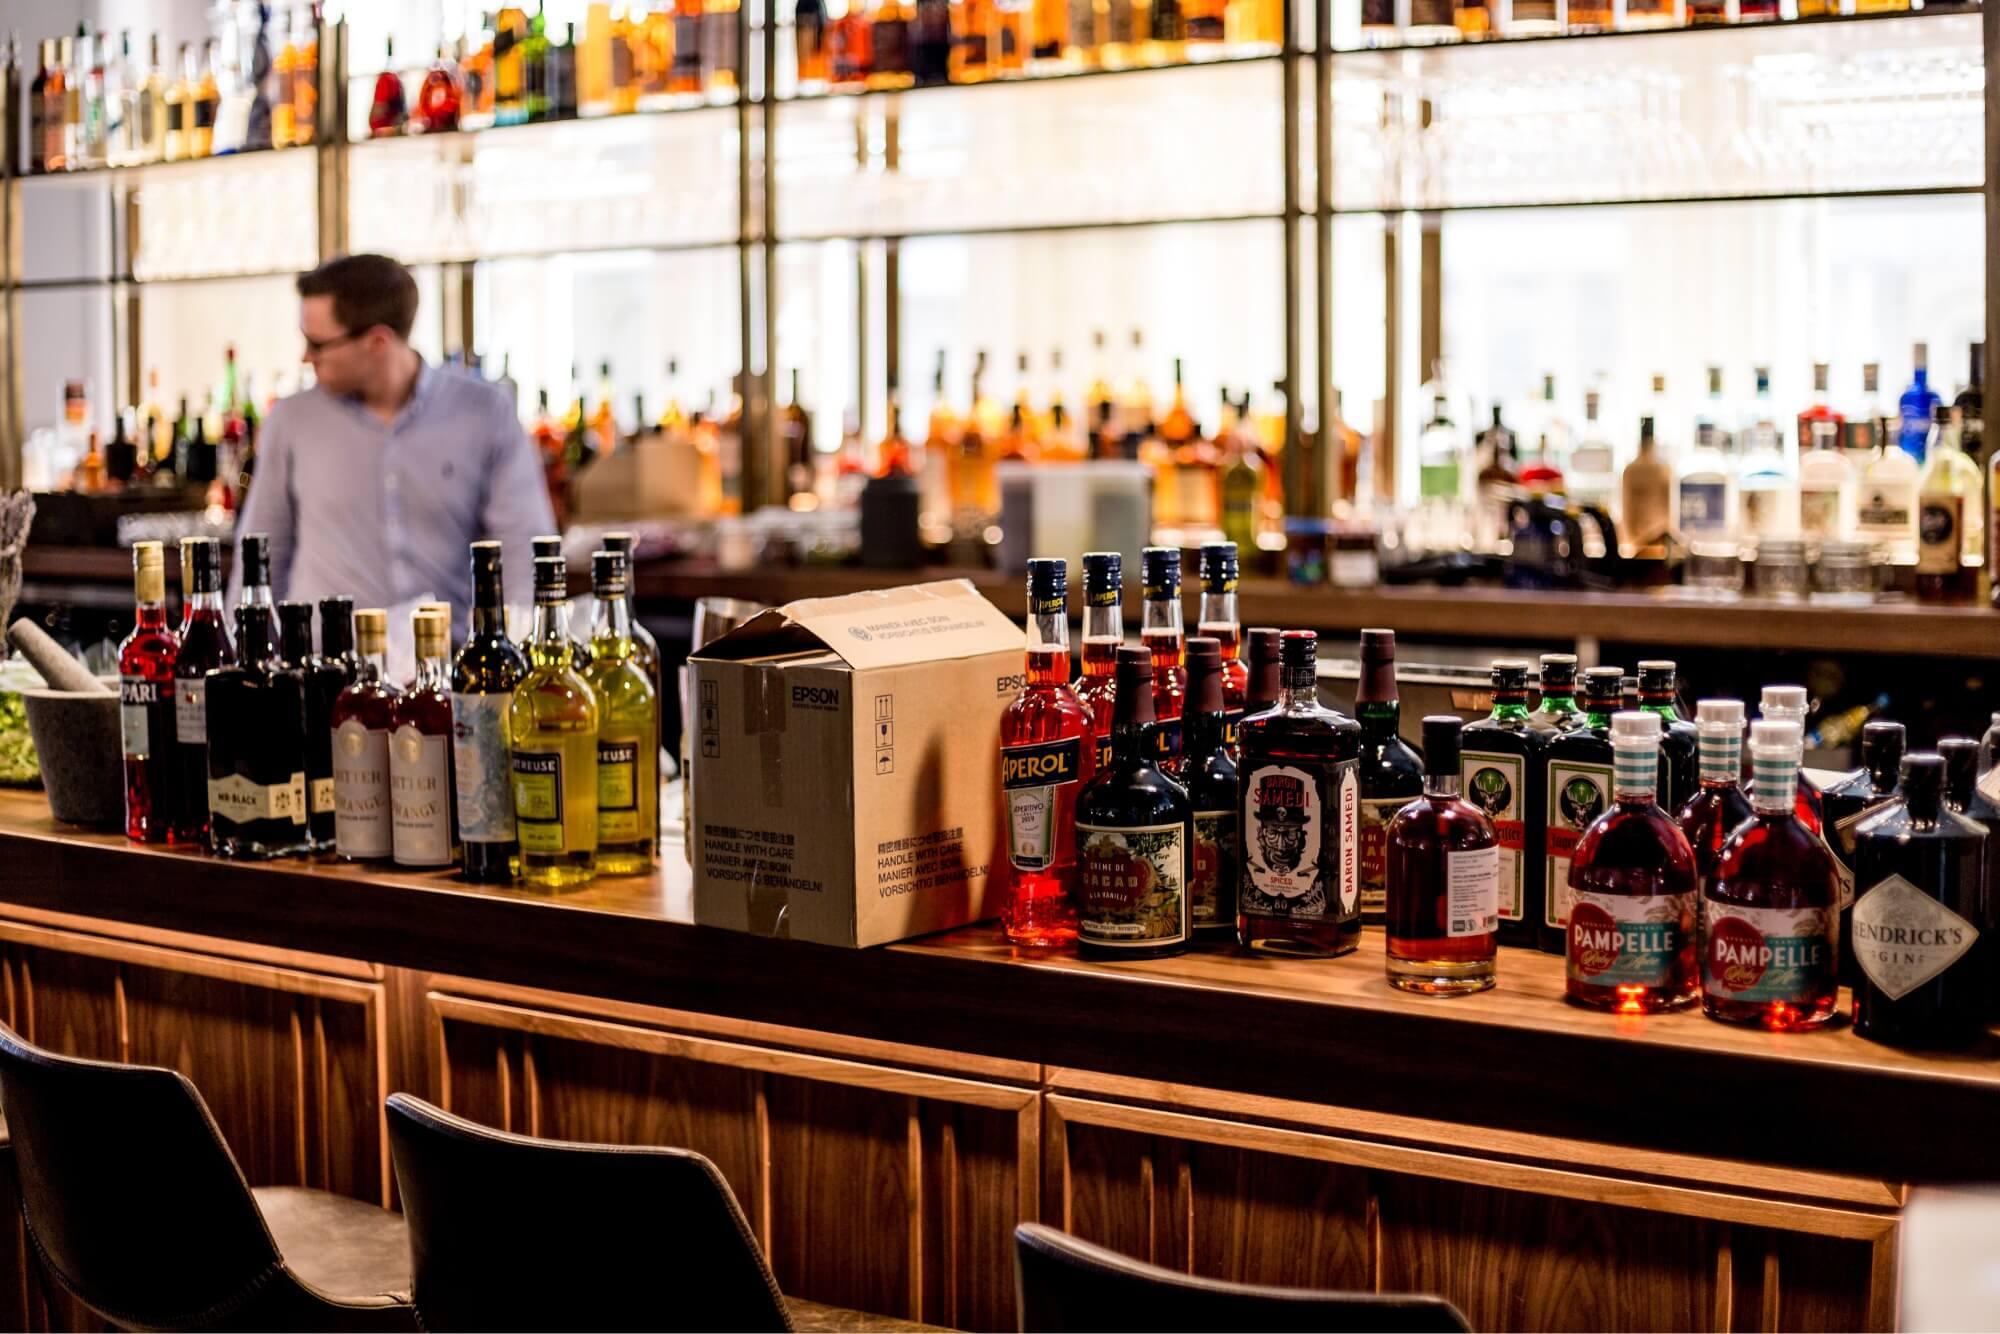 A photo of liquor bottles on a bar.